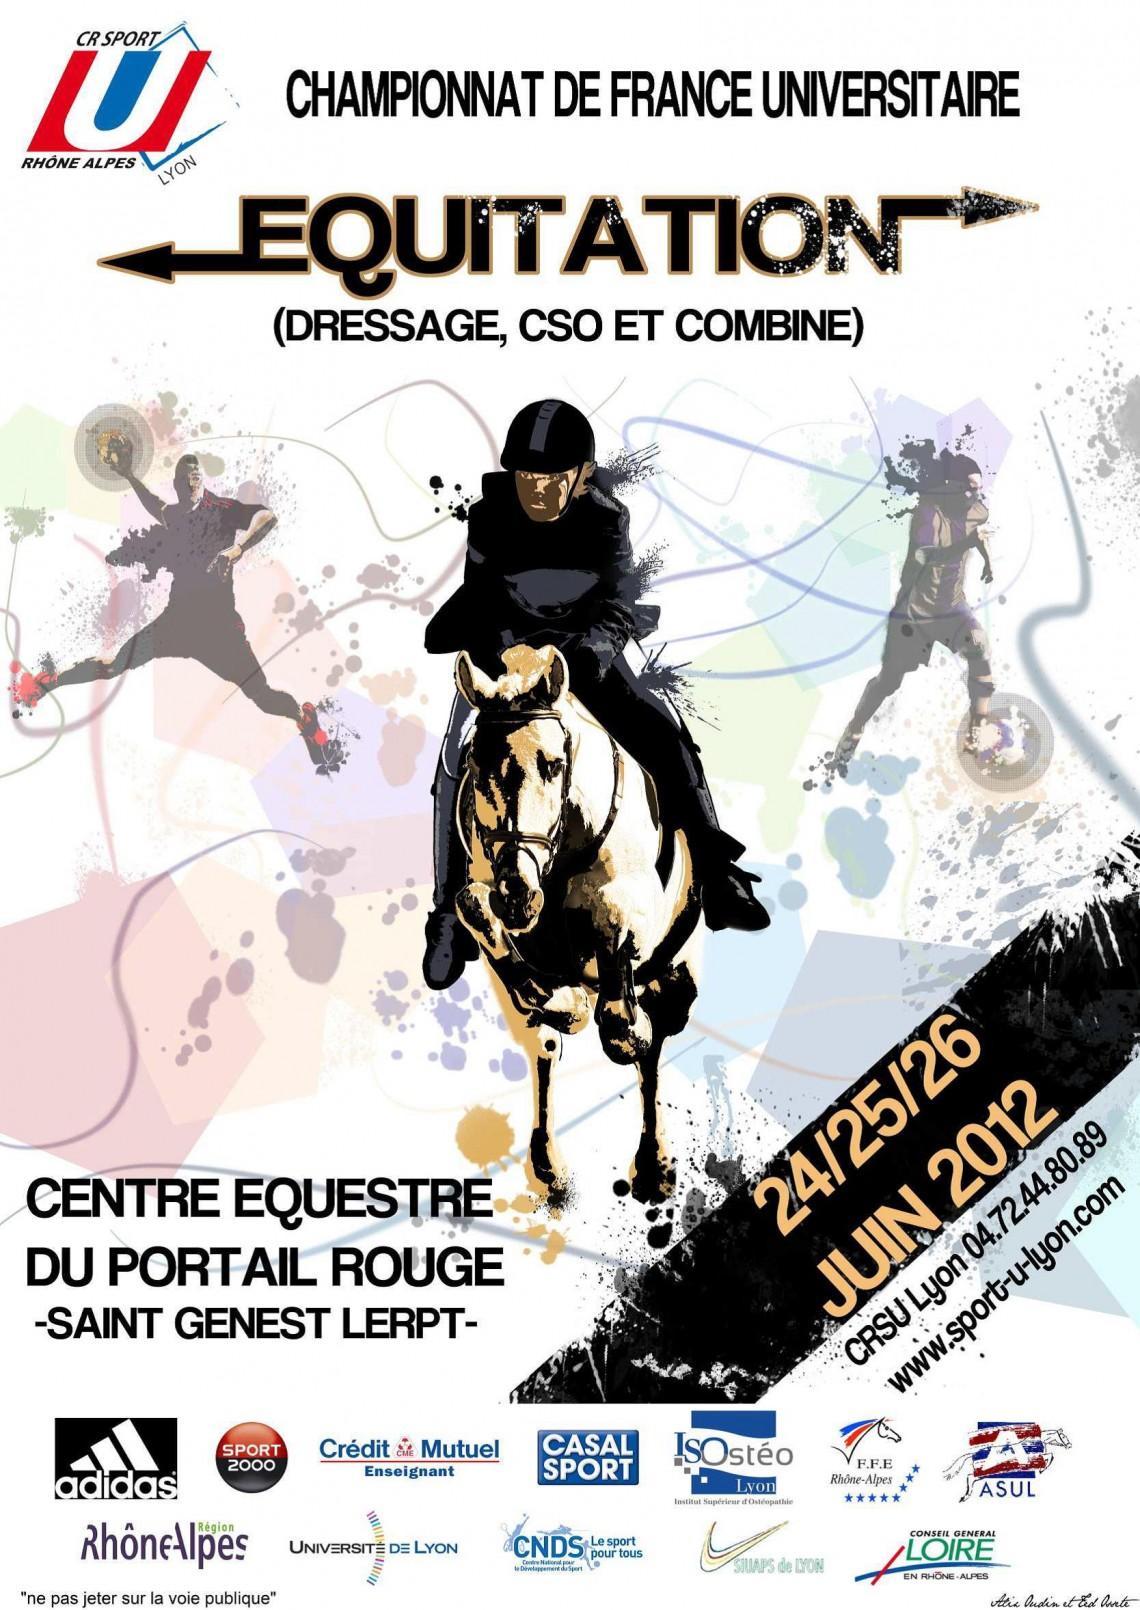 Les Championnats de France Universitaires 2012